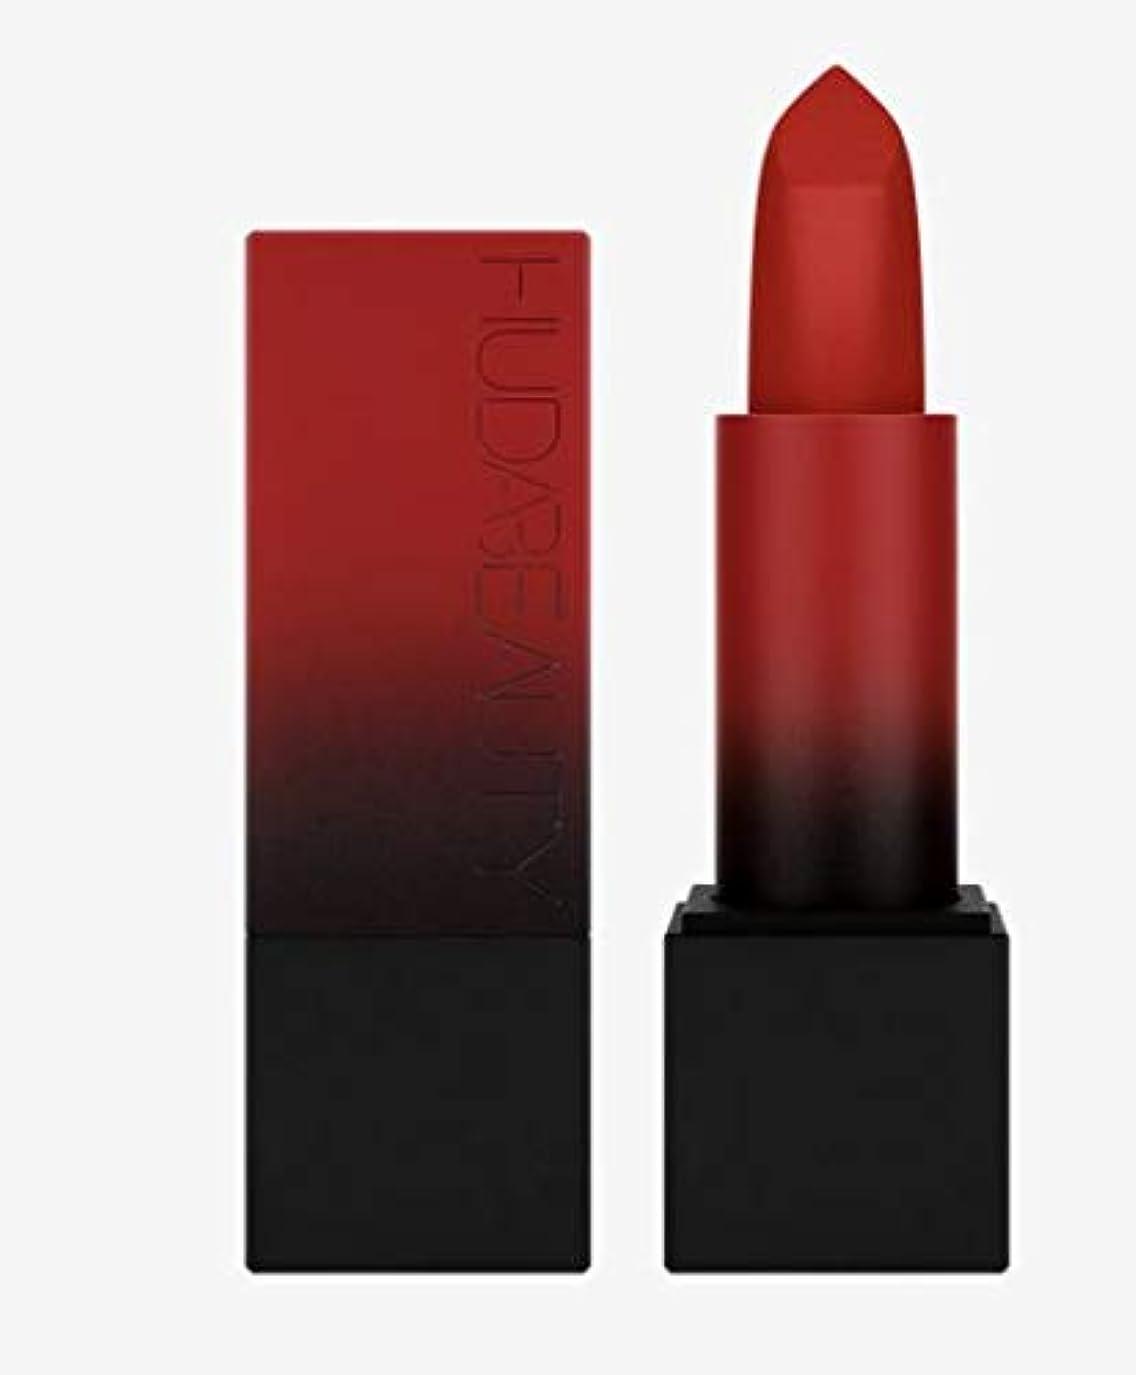 オーバーフロー触覚もしHudabeauty Power Bullet Matte Lipstick マットリップ El Cinco De Mayo